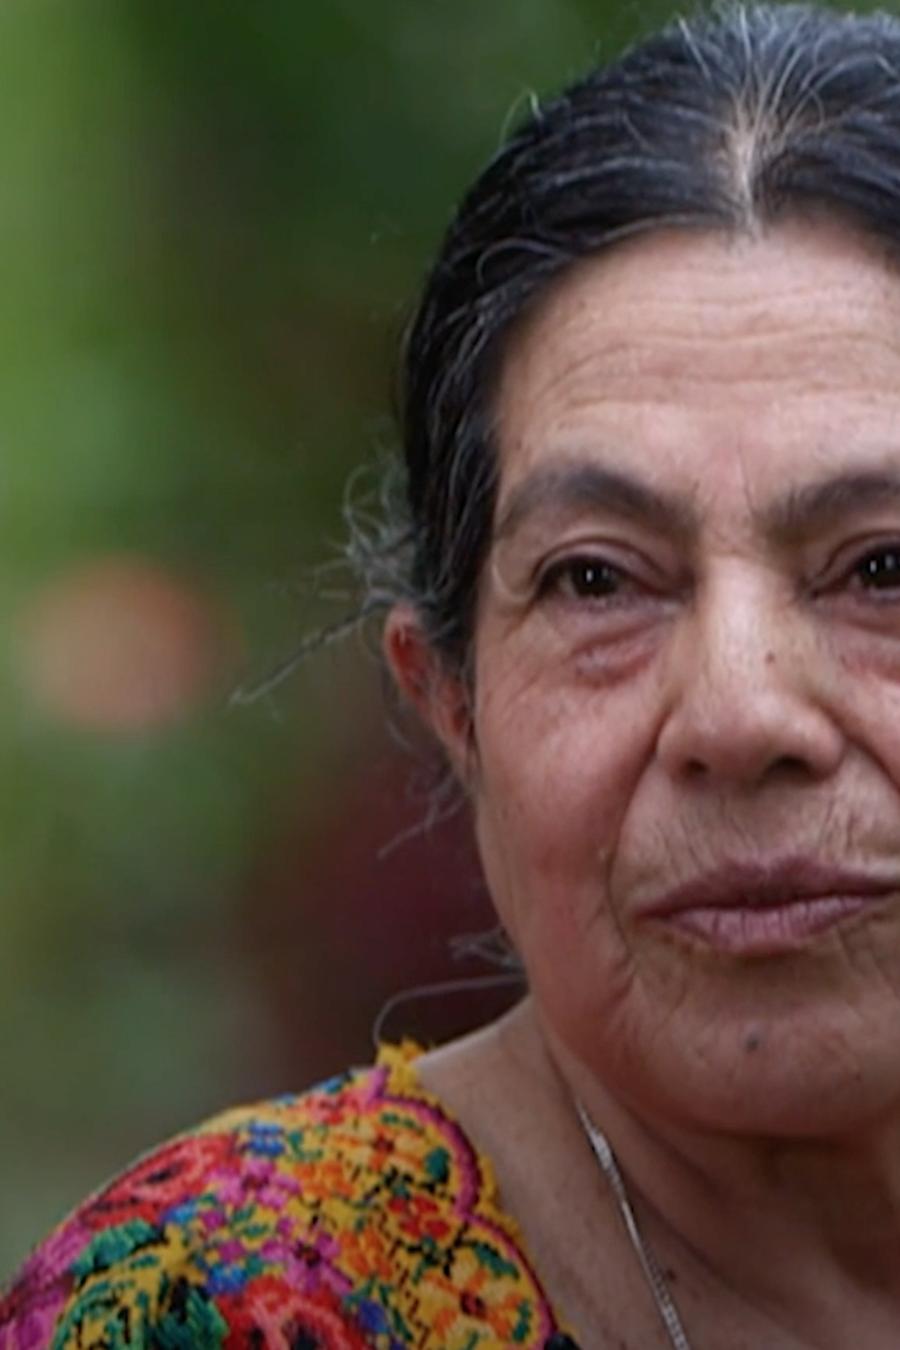 Lucía Col Cho busca a su sobrino desde que su hermana embarazada de 7 meses desapareció y la encontraron enterrada en una fosa común sin su bebé.